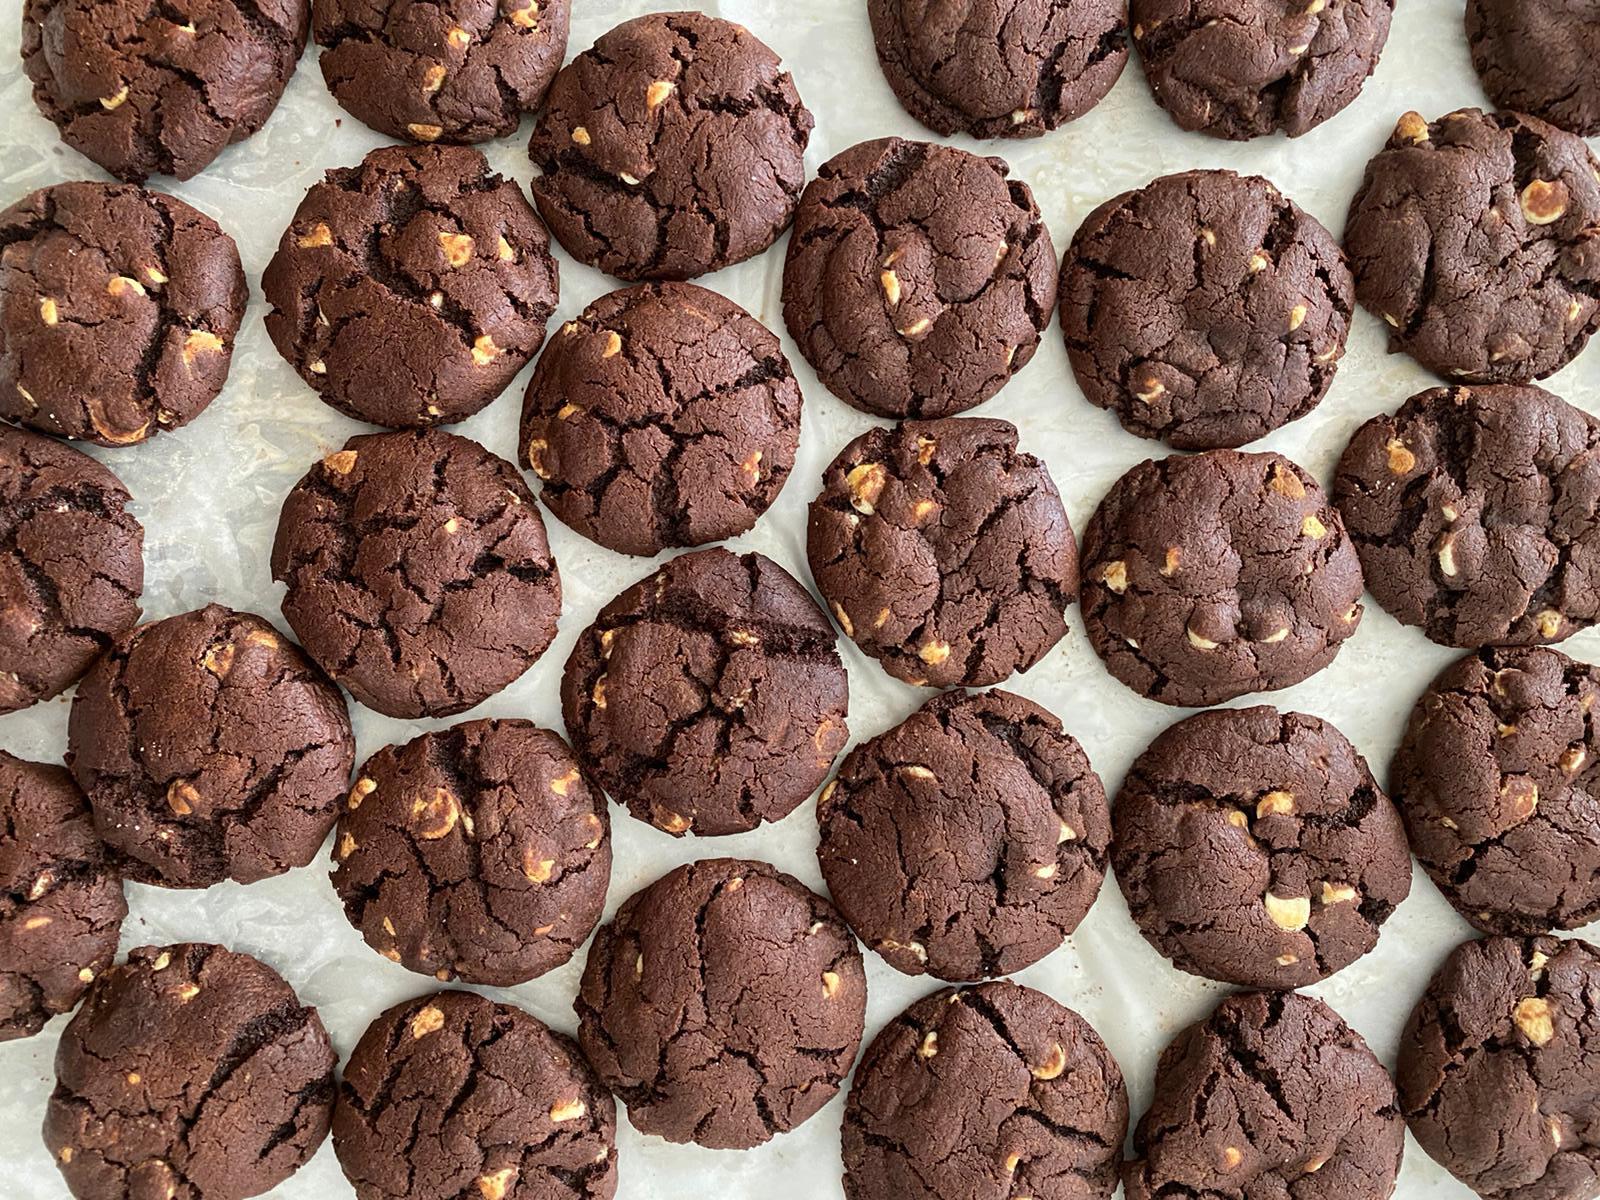 Cookies from Wunderkeks